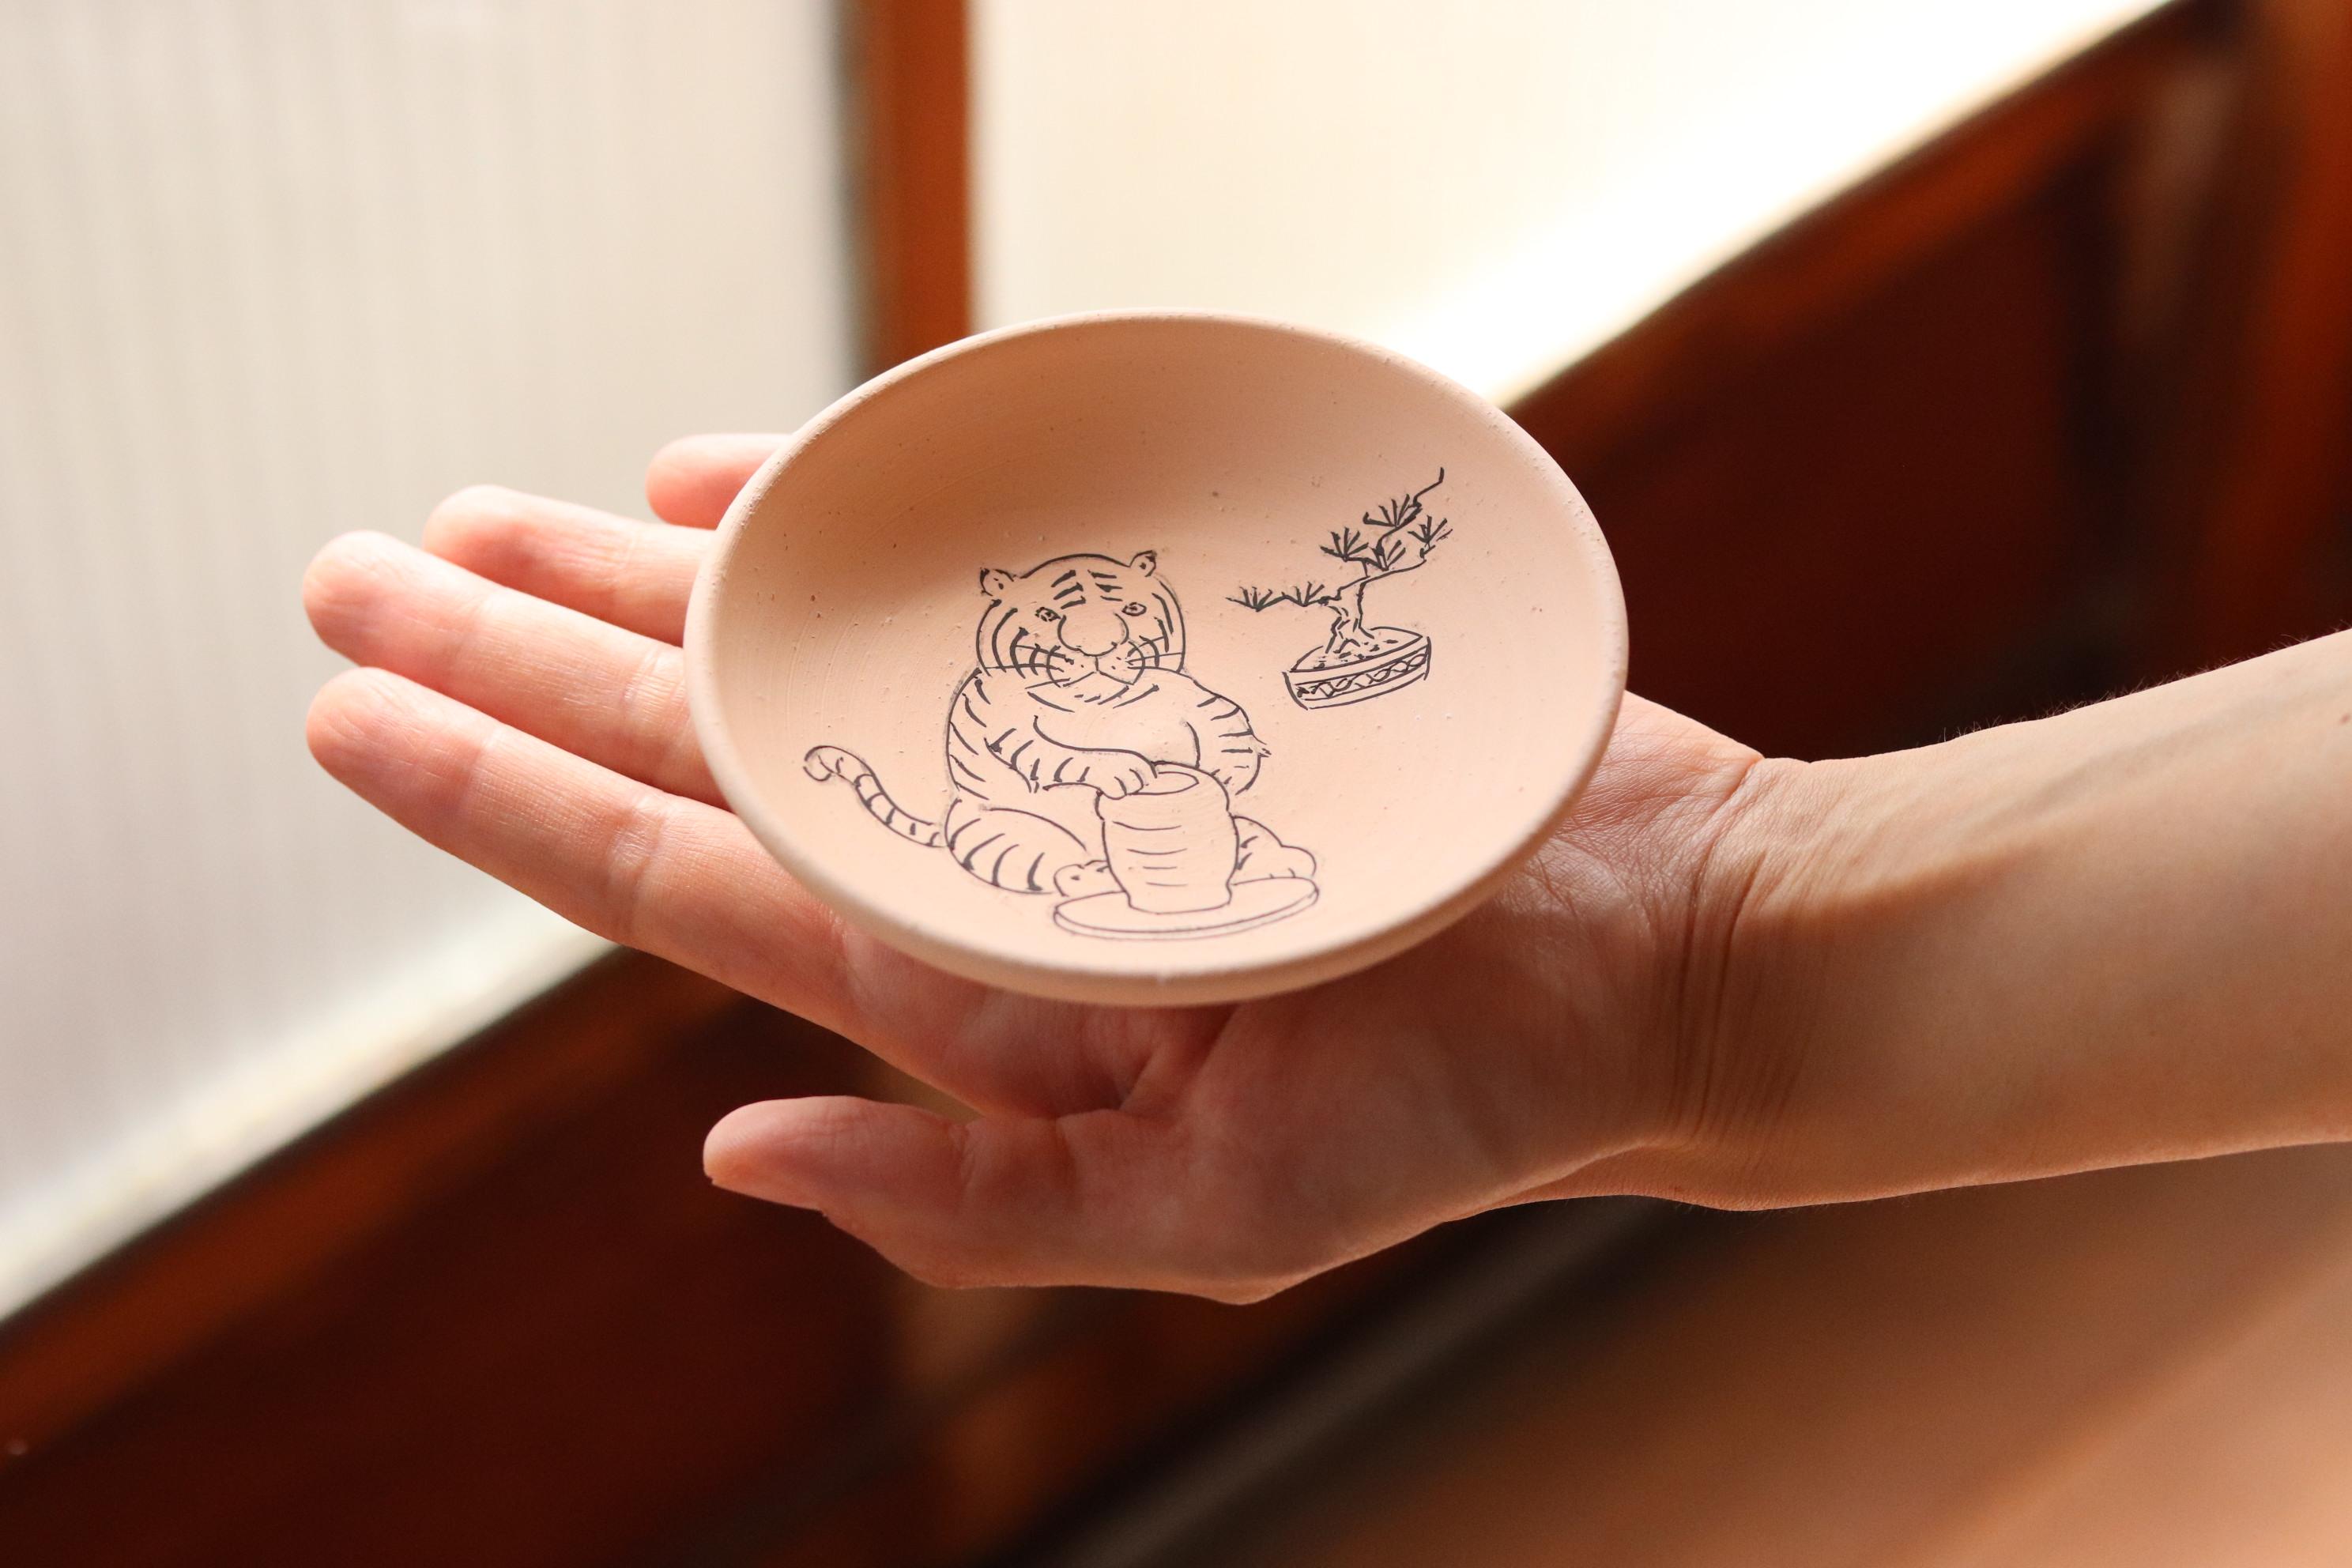 虎の絵皿の作り方 by.Yui